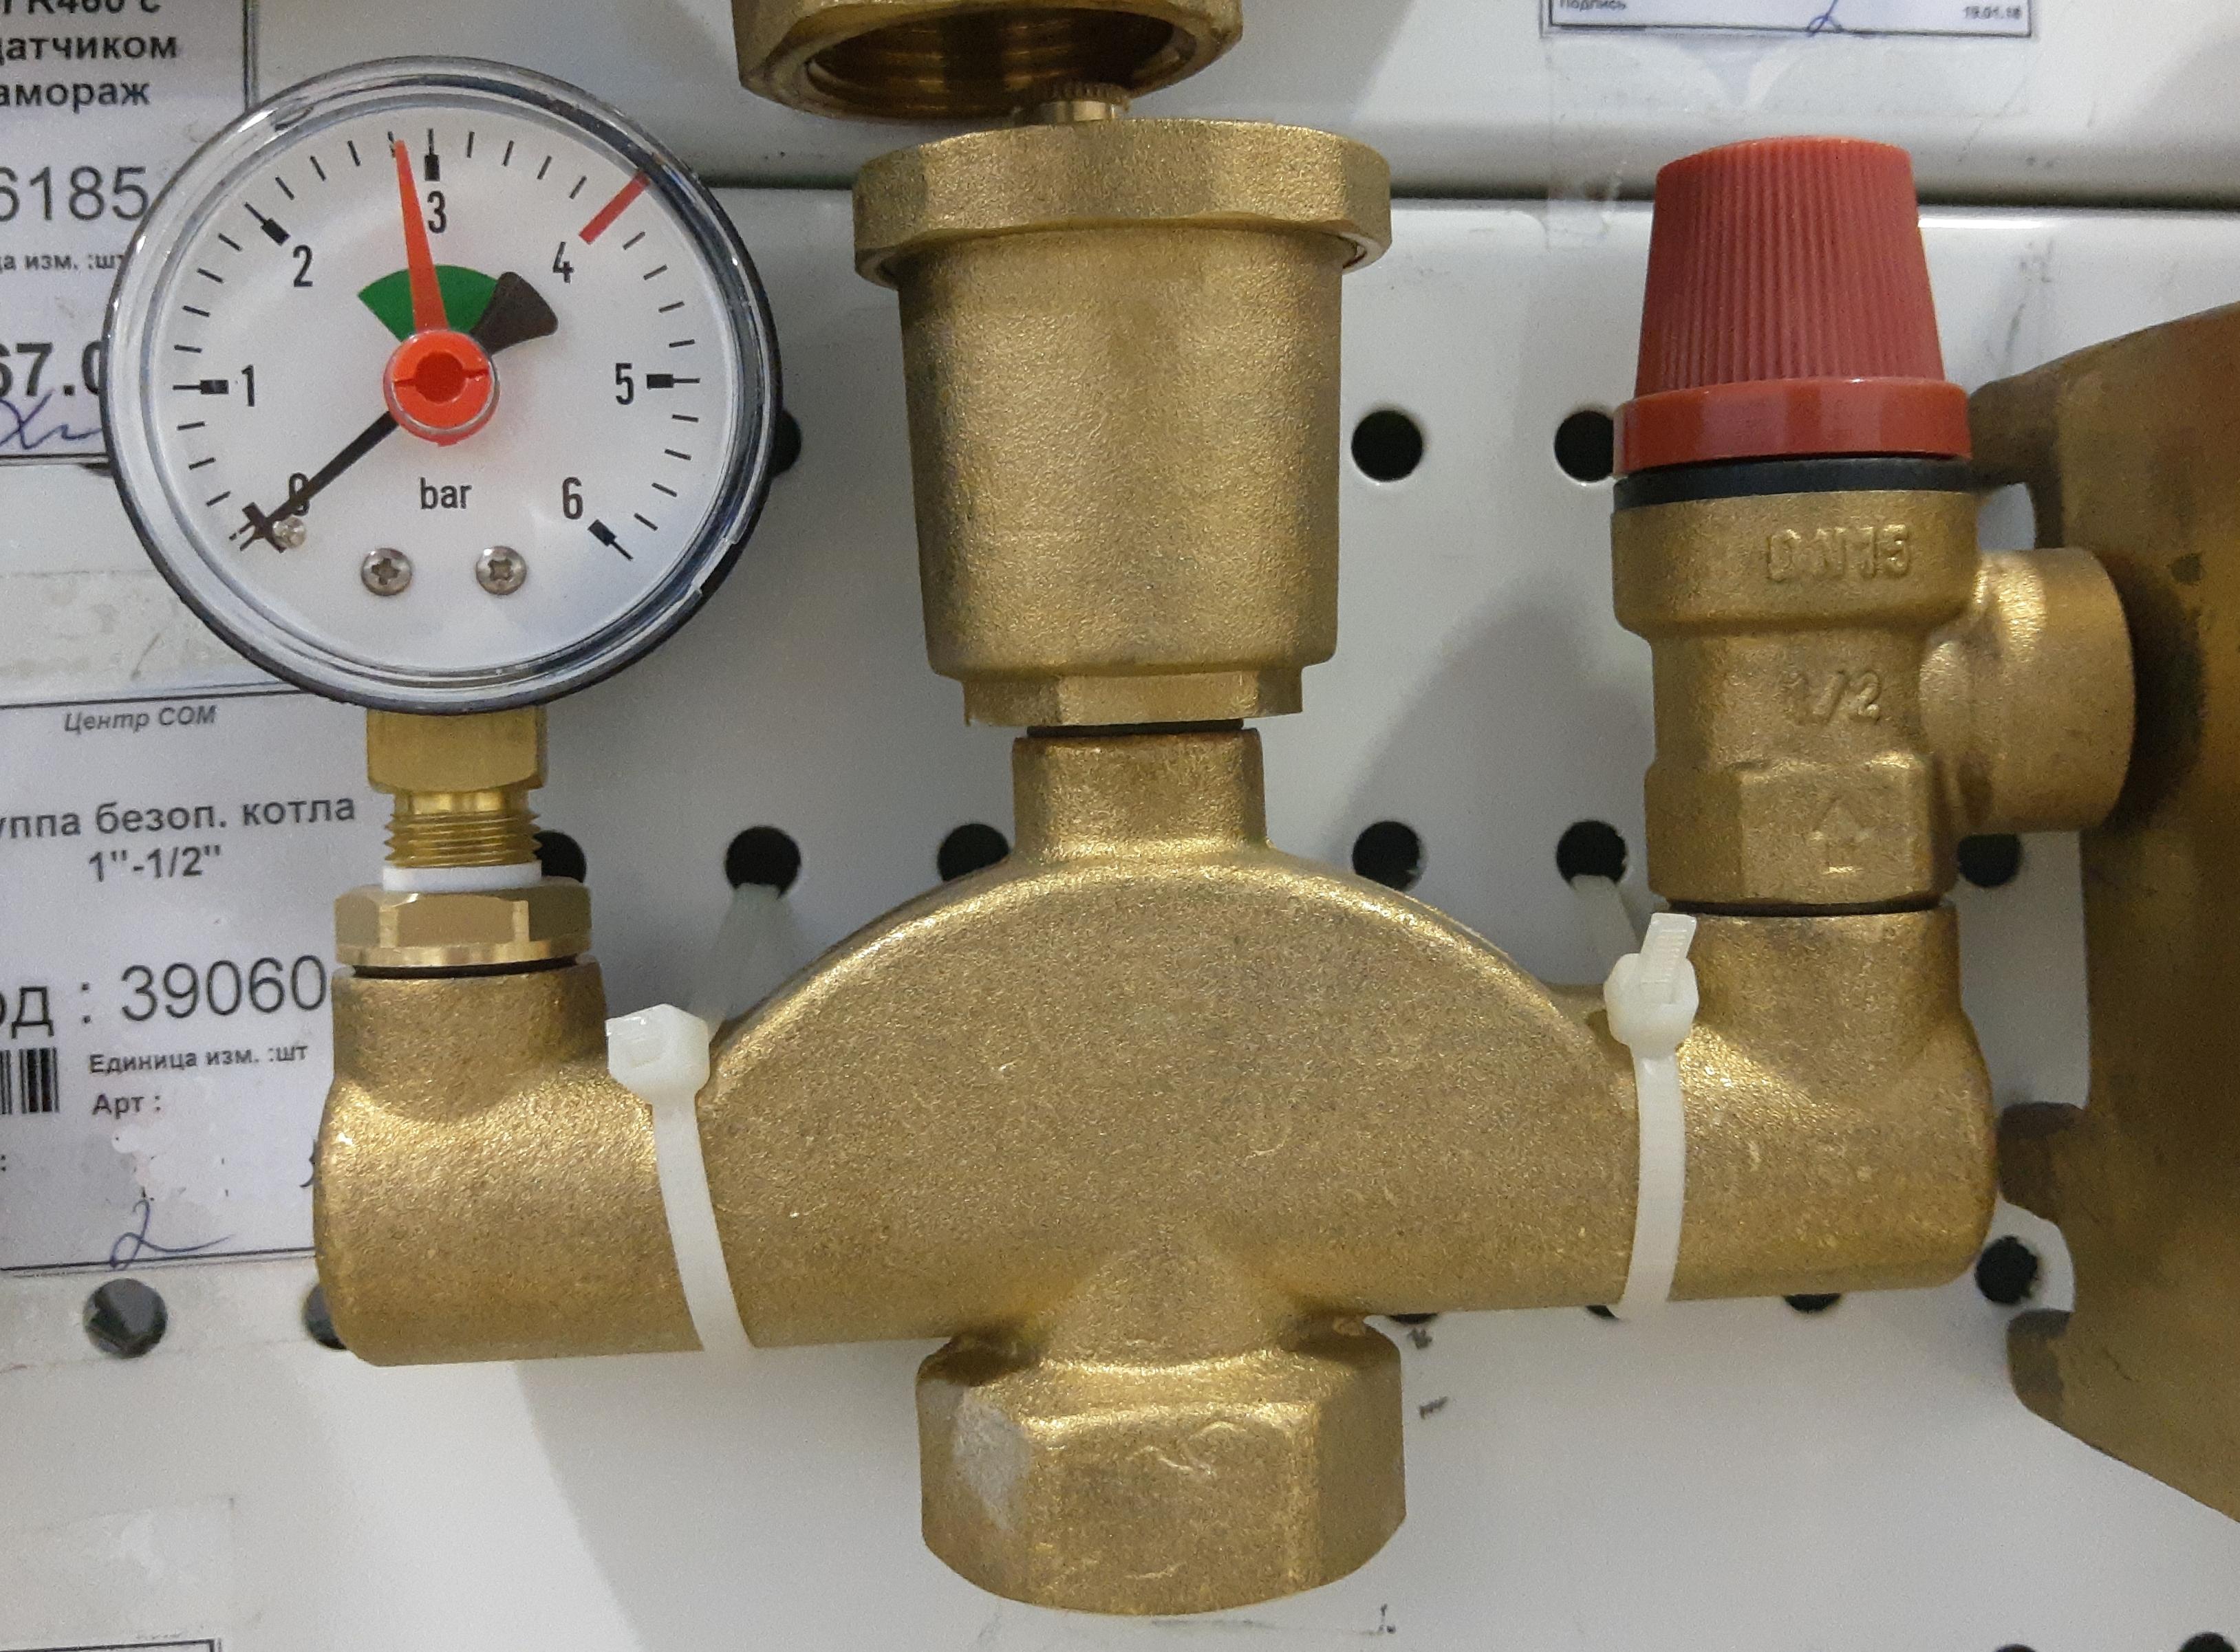 Установка группы безопасности котла в закрытую систему отопления